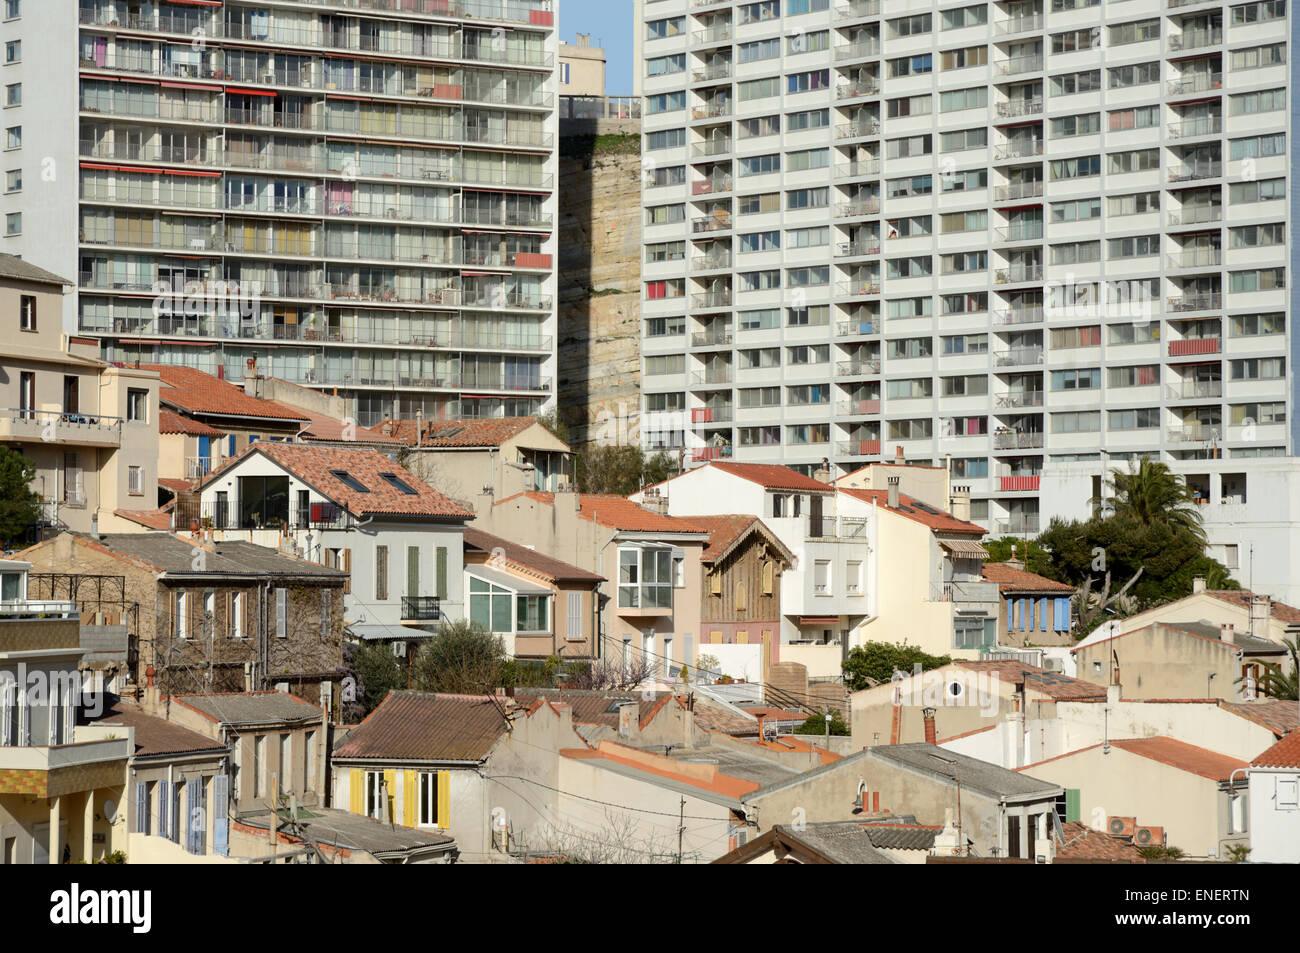 Vieilles Maisons et appartements modernes ou d'immeubles à appartements Vallon des Auffes Marseille France Photo Stock